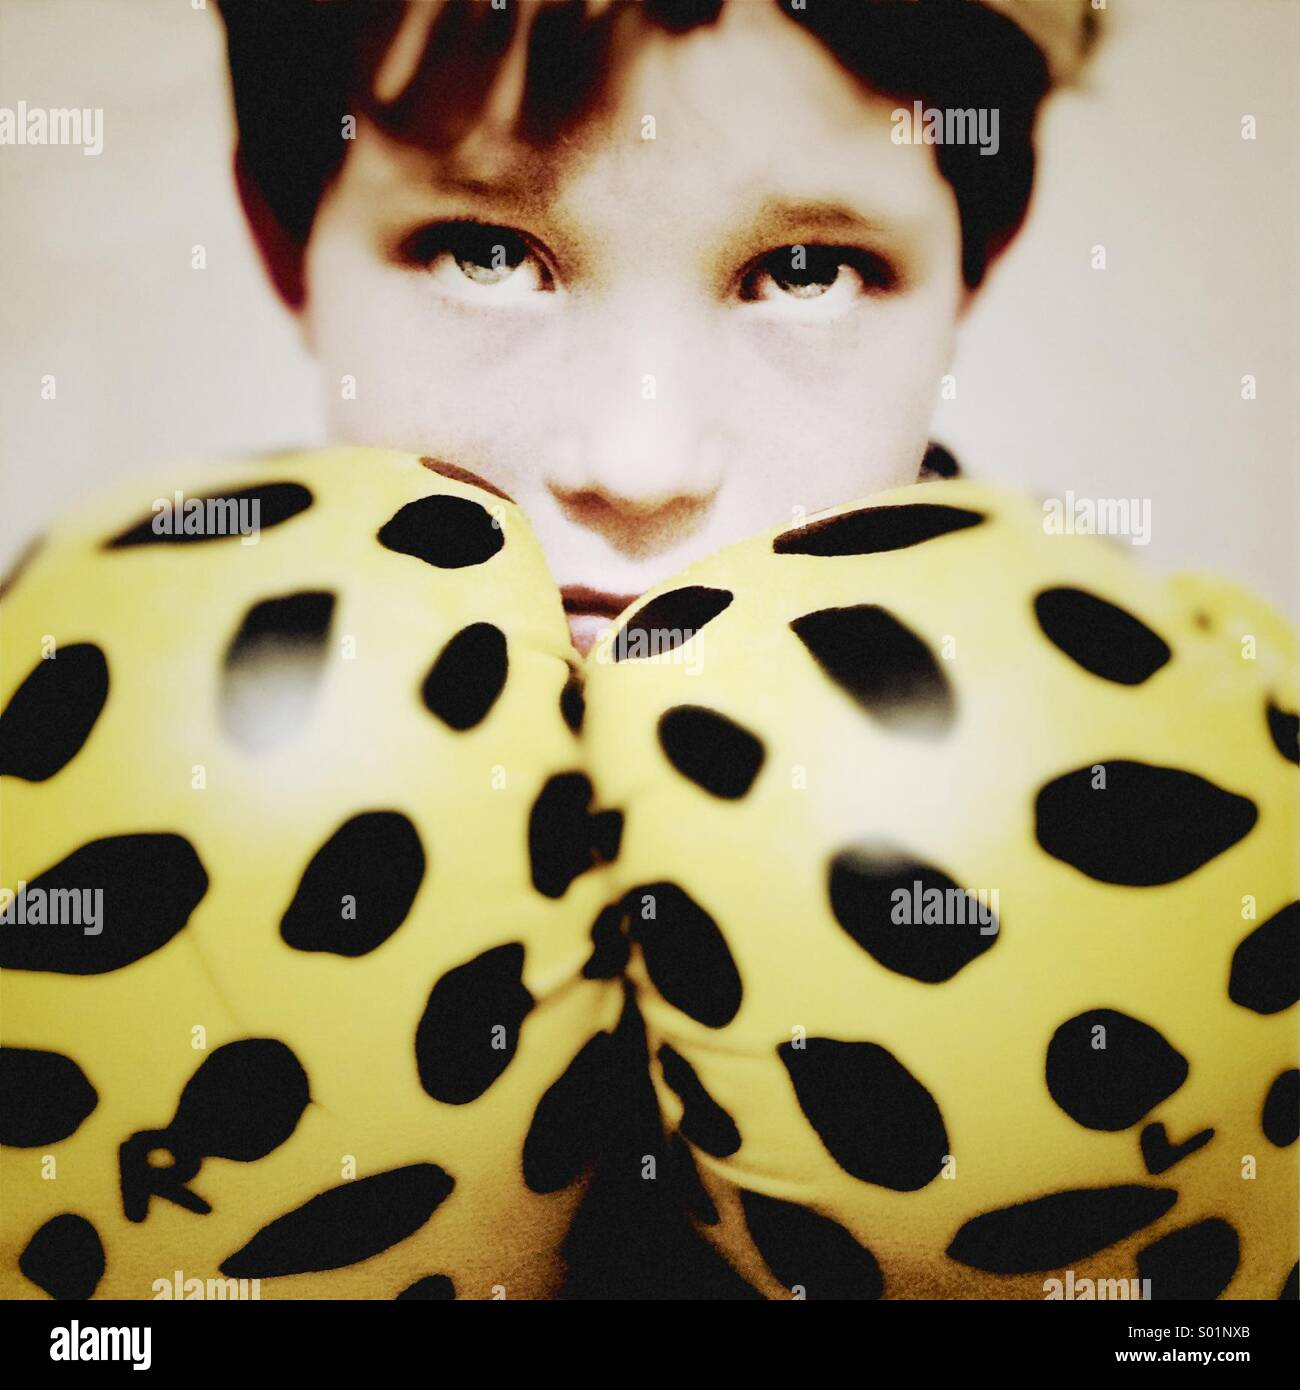 Giovane ragazzo indossa guantoni da pugilato guarda wide eyed su una posa difensiva Foto Stock